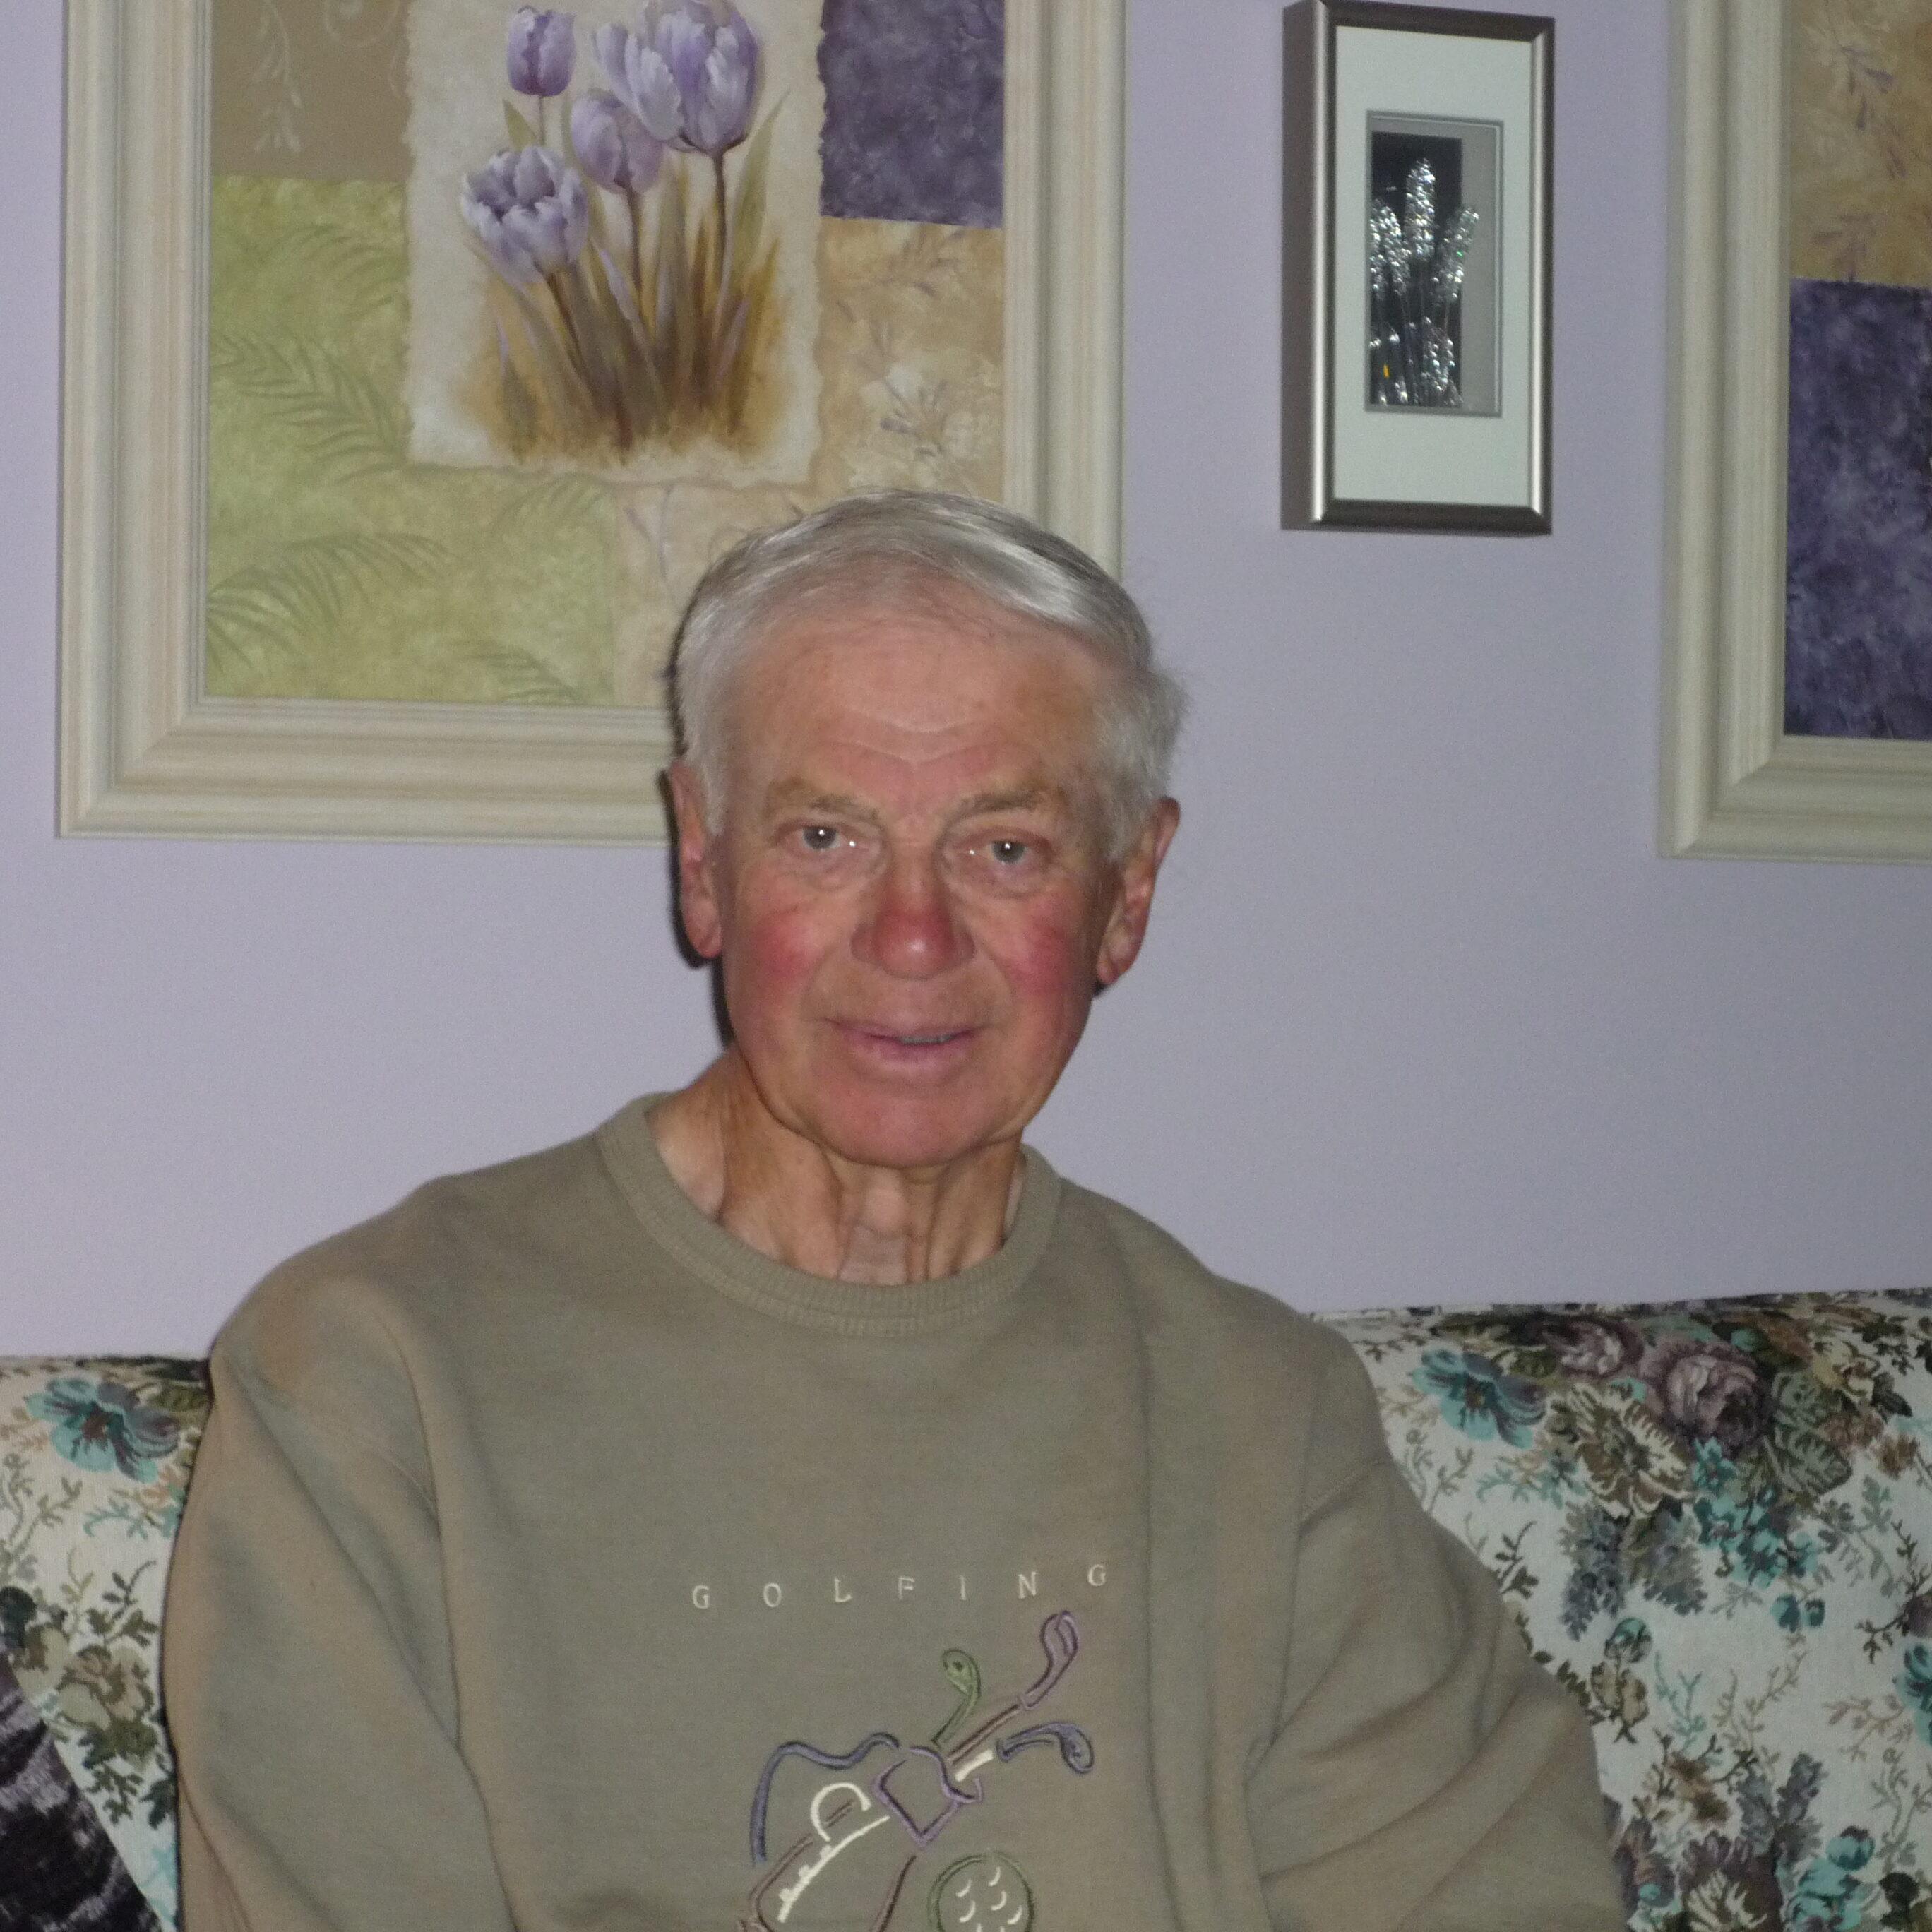 Harold Harri P1000121_Harri_Harold